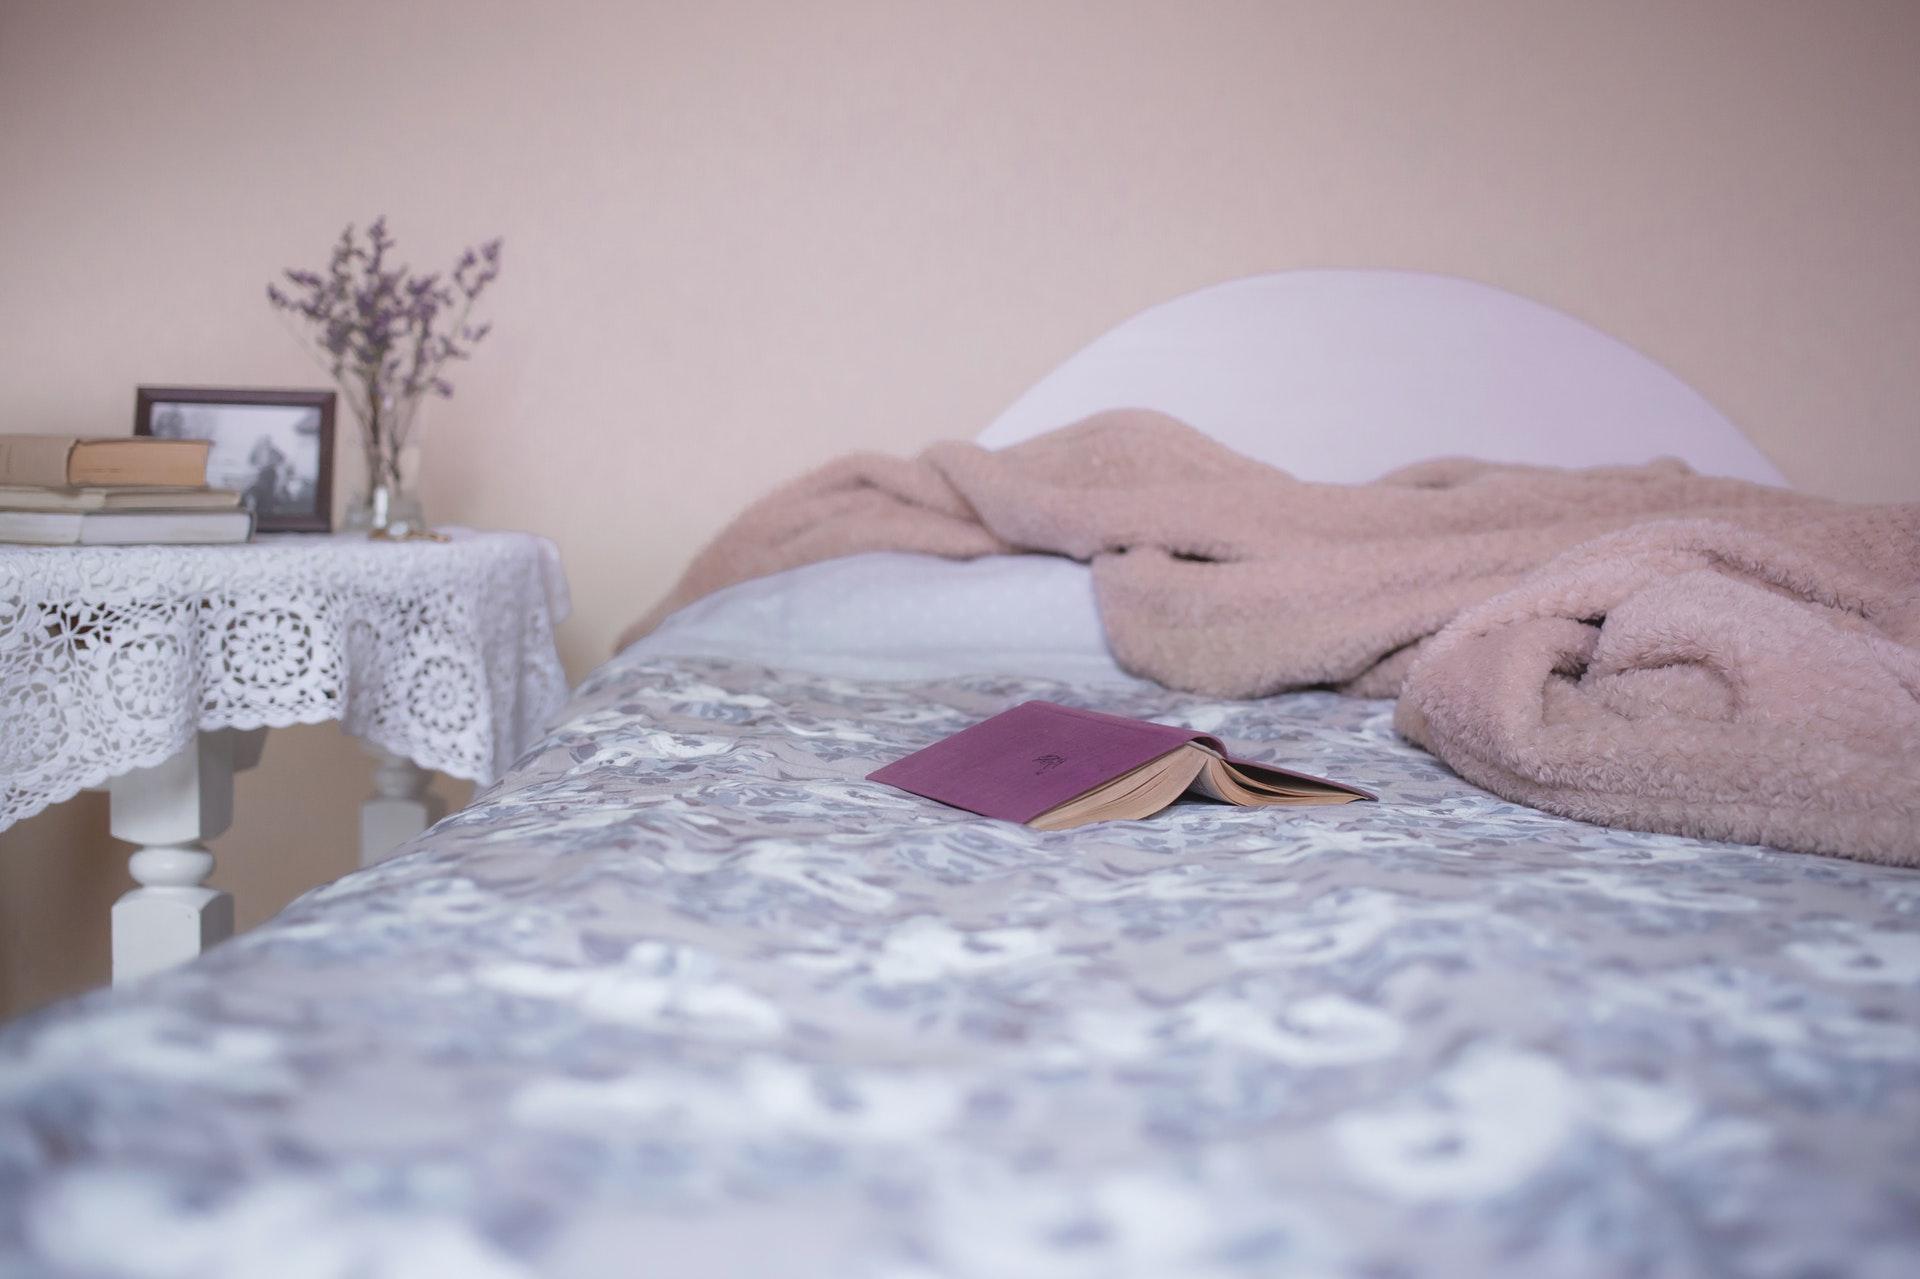 Utmattningssyndrom & Återhämtning - Här finns samlade resurser för dig som just nu upplever utmattningssyndrom, eller fortfarande återhämtar sig ifrån det. Här finns info som är lättläst och på ljud- och videoformat.